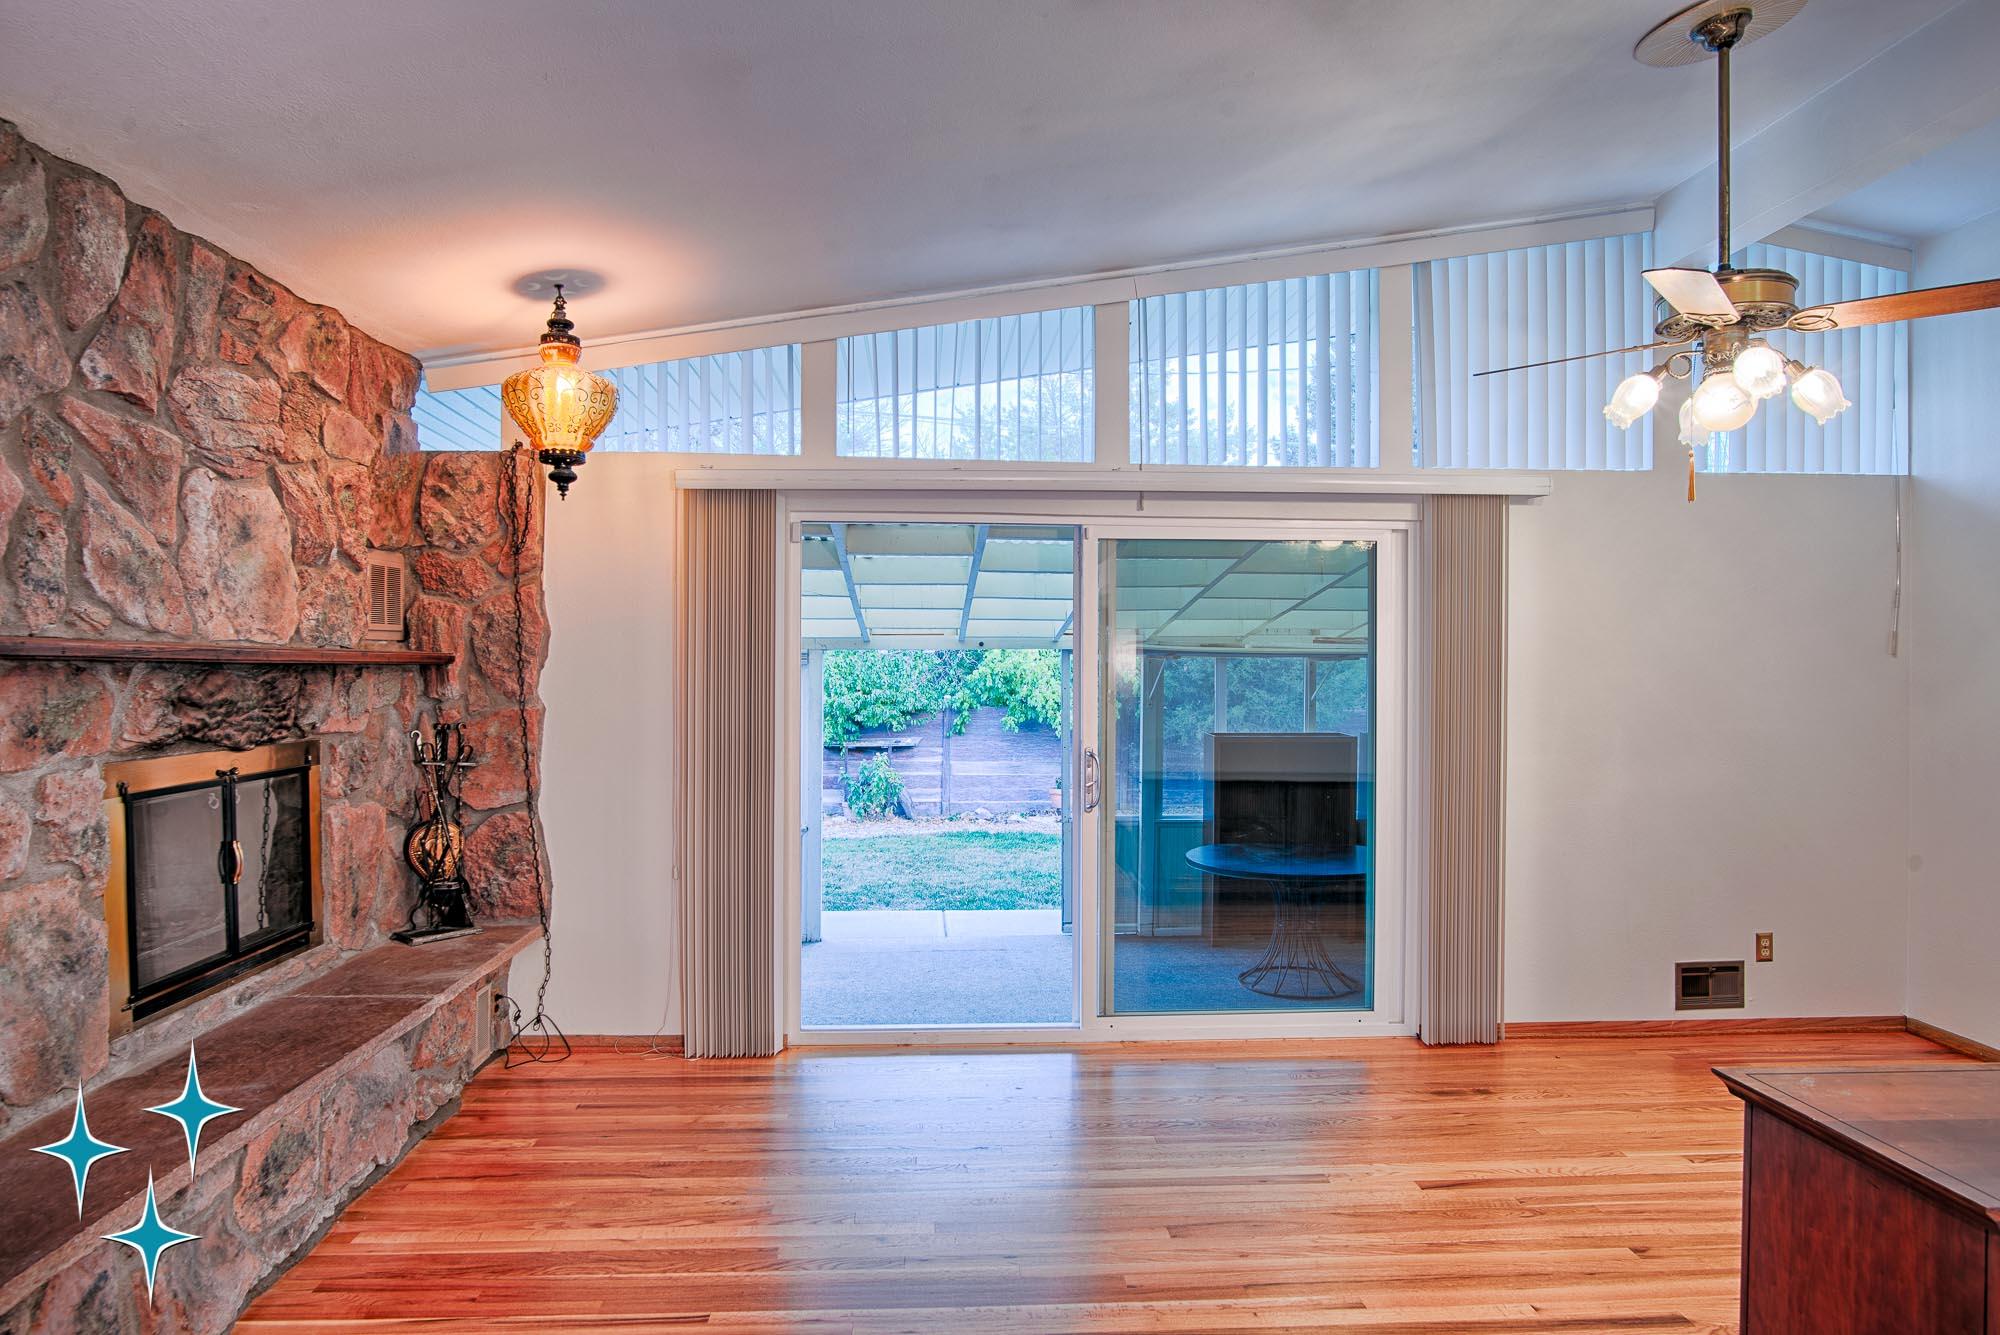 Adrian-Kinney-4155-W-Iliff-Avenue-Denver-r-Carey-Holiday-Home-2000w50-3SWM-9.jpg